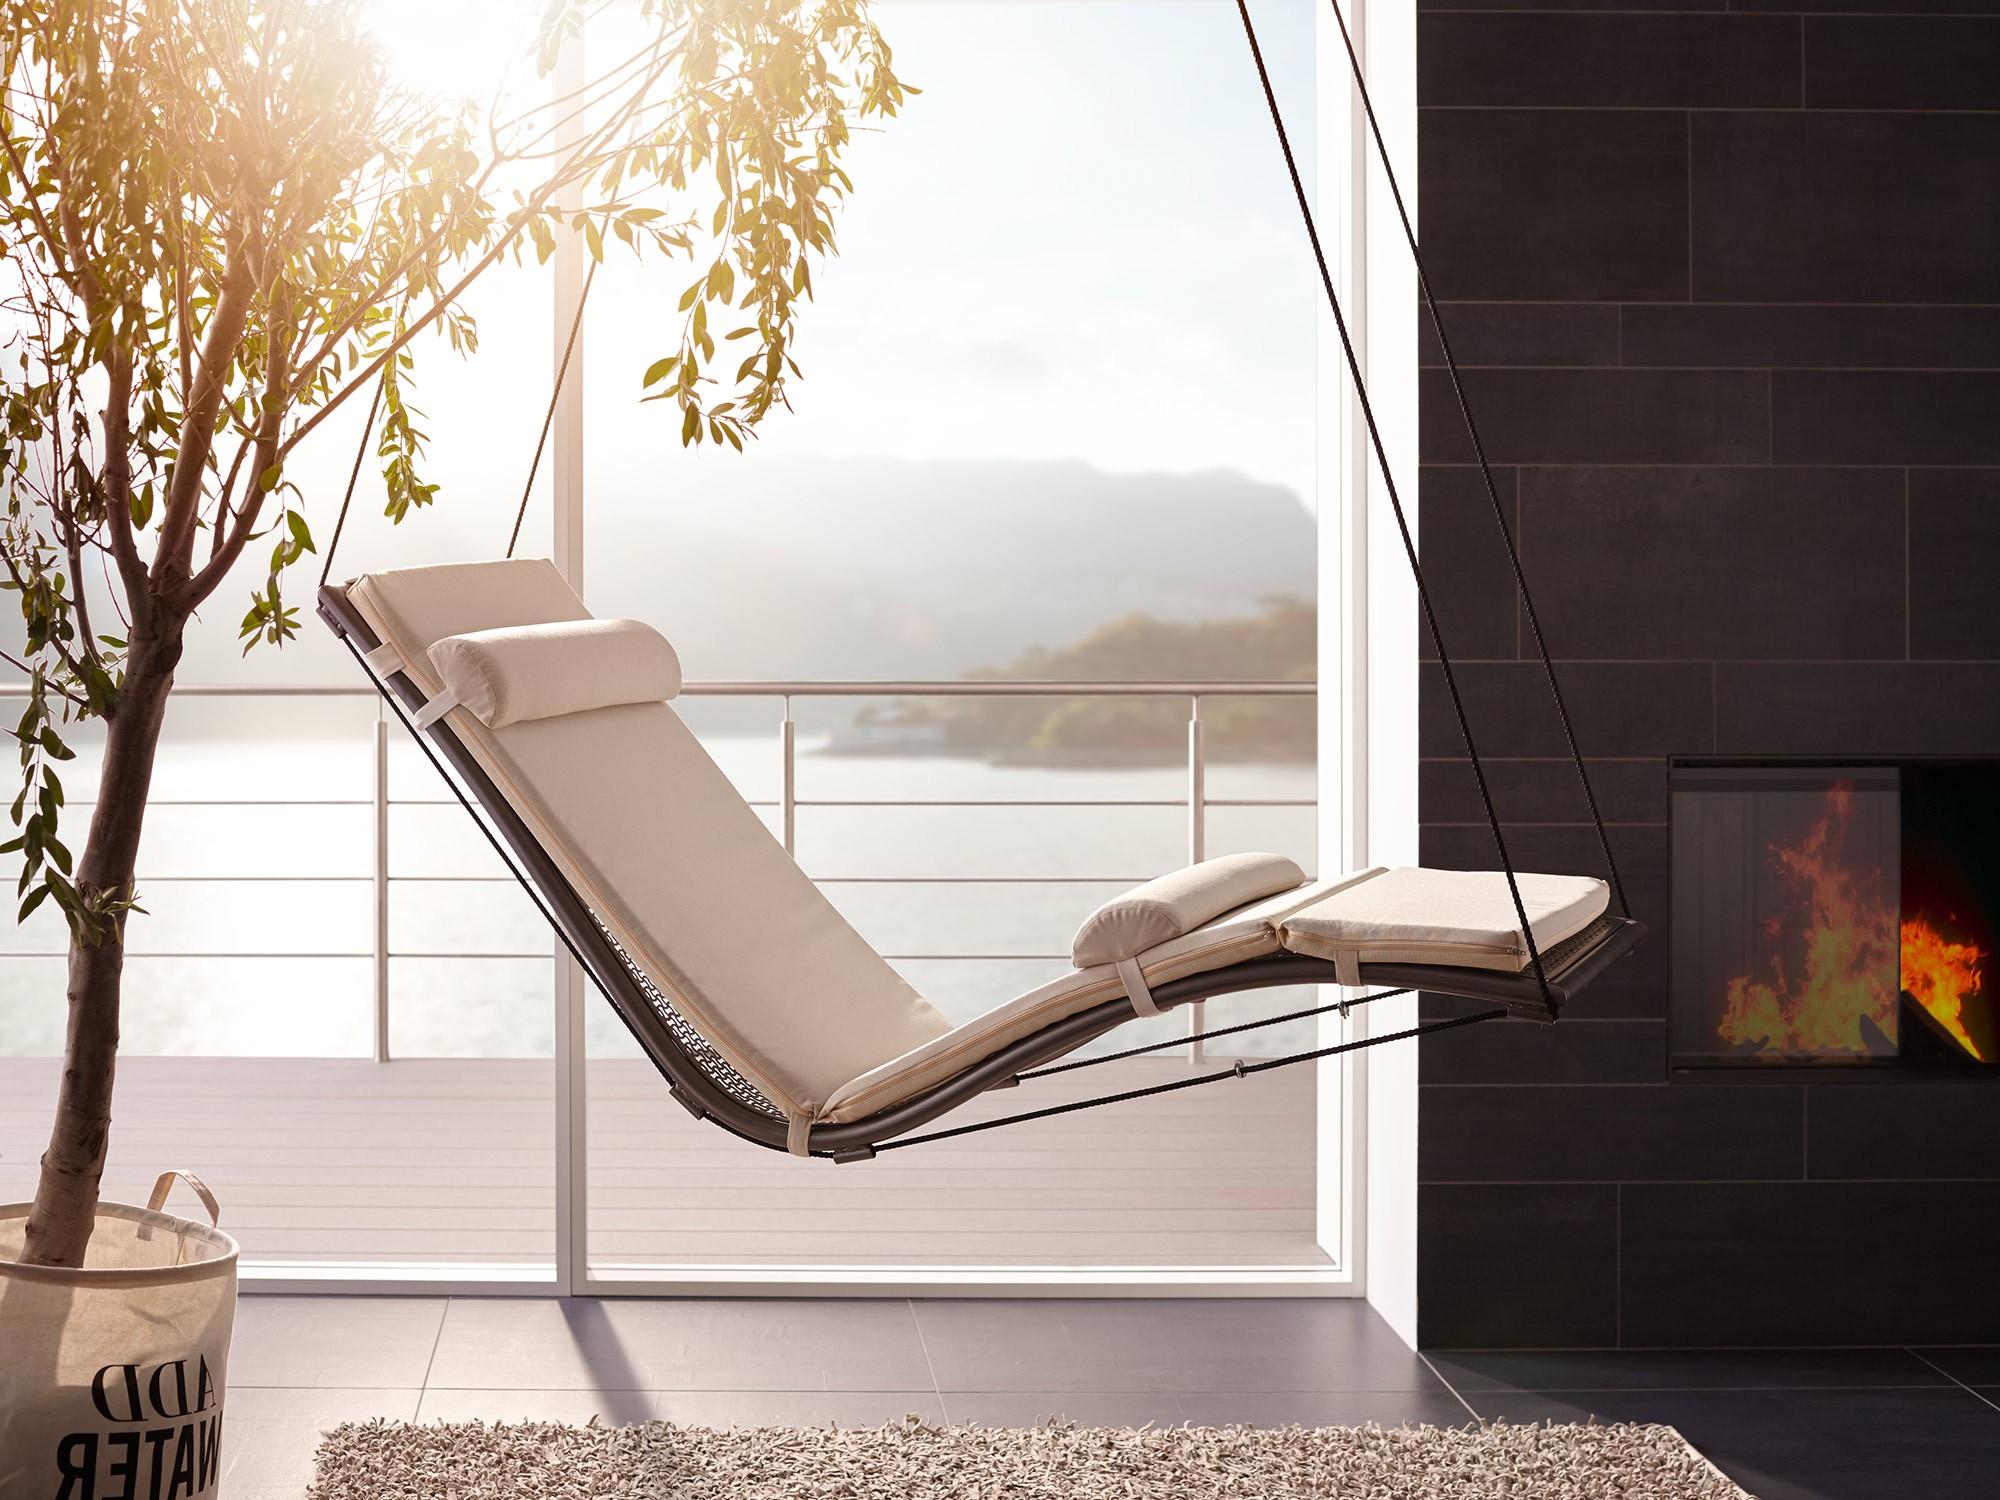 einzelliege allround. Black Bedroom Furniture Sets. Home Design Ideas